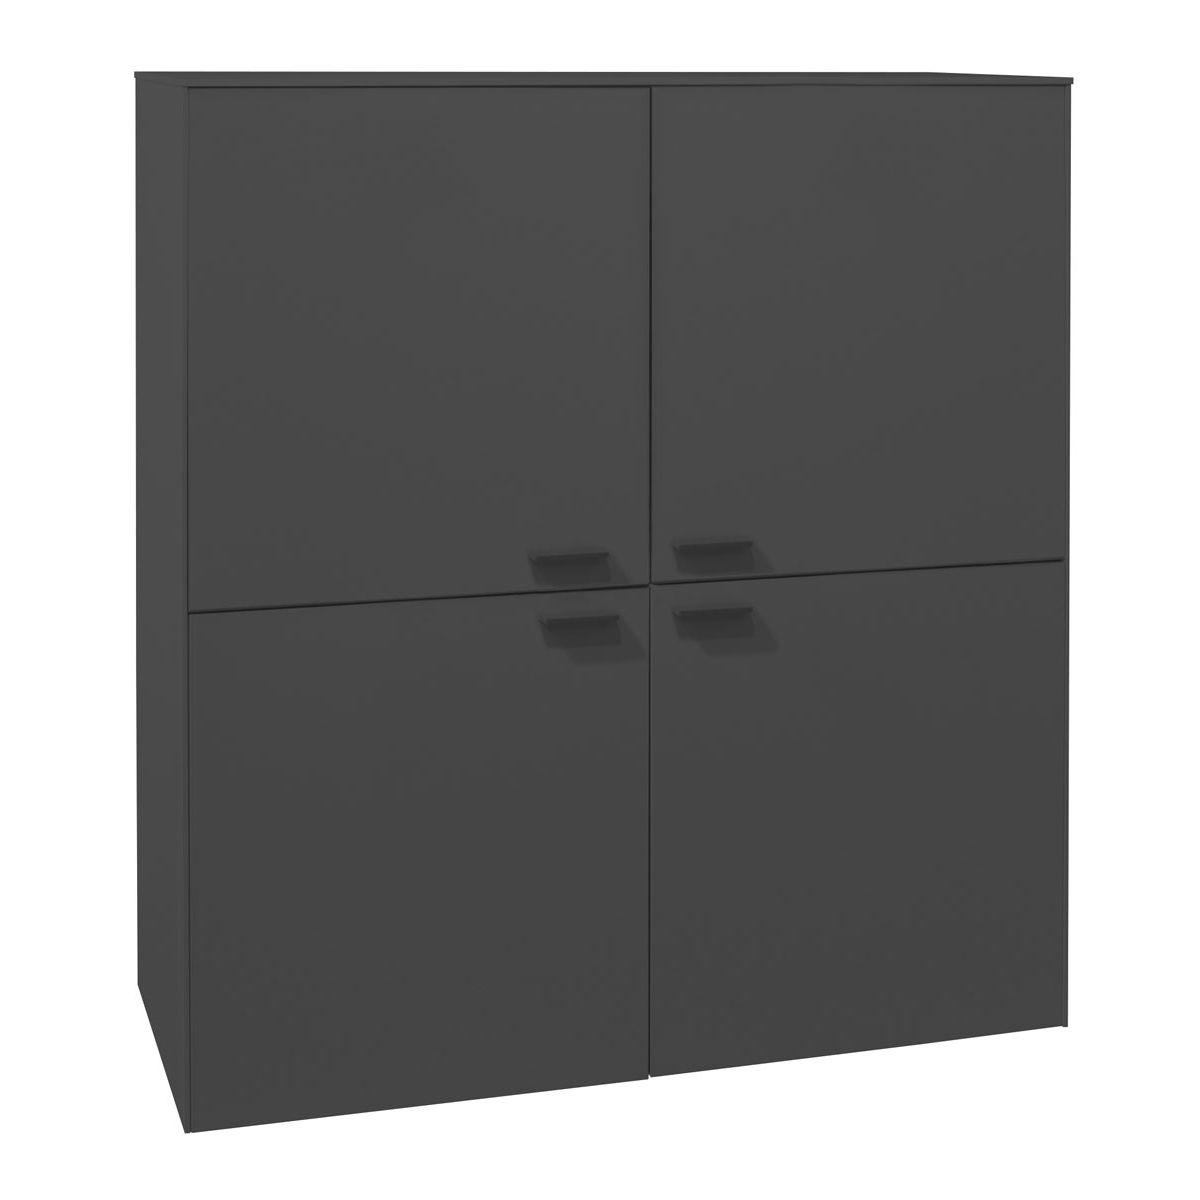 Full Size of Musbacher Arizona Highboard 4 Gnstig Online Bestellen Xxl Sofa Günstig Küche Kaufen Günstige Schlafzimmer Komplett Fenster Günstiges Betten Mit Wohnzimmer Highboard Günstig